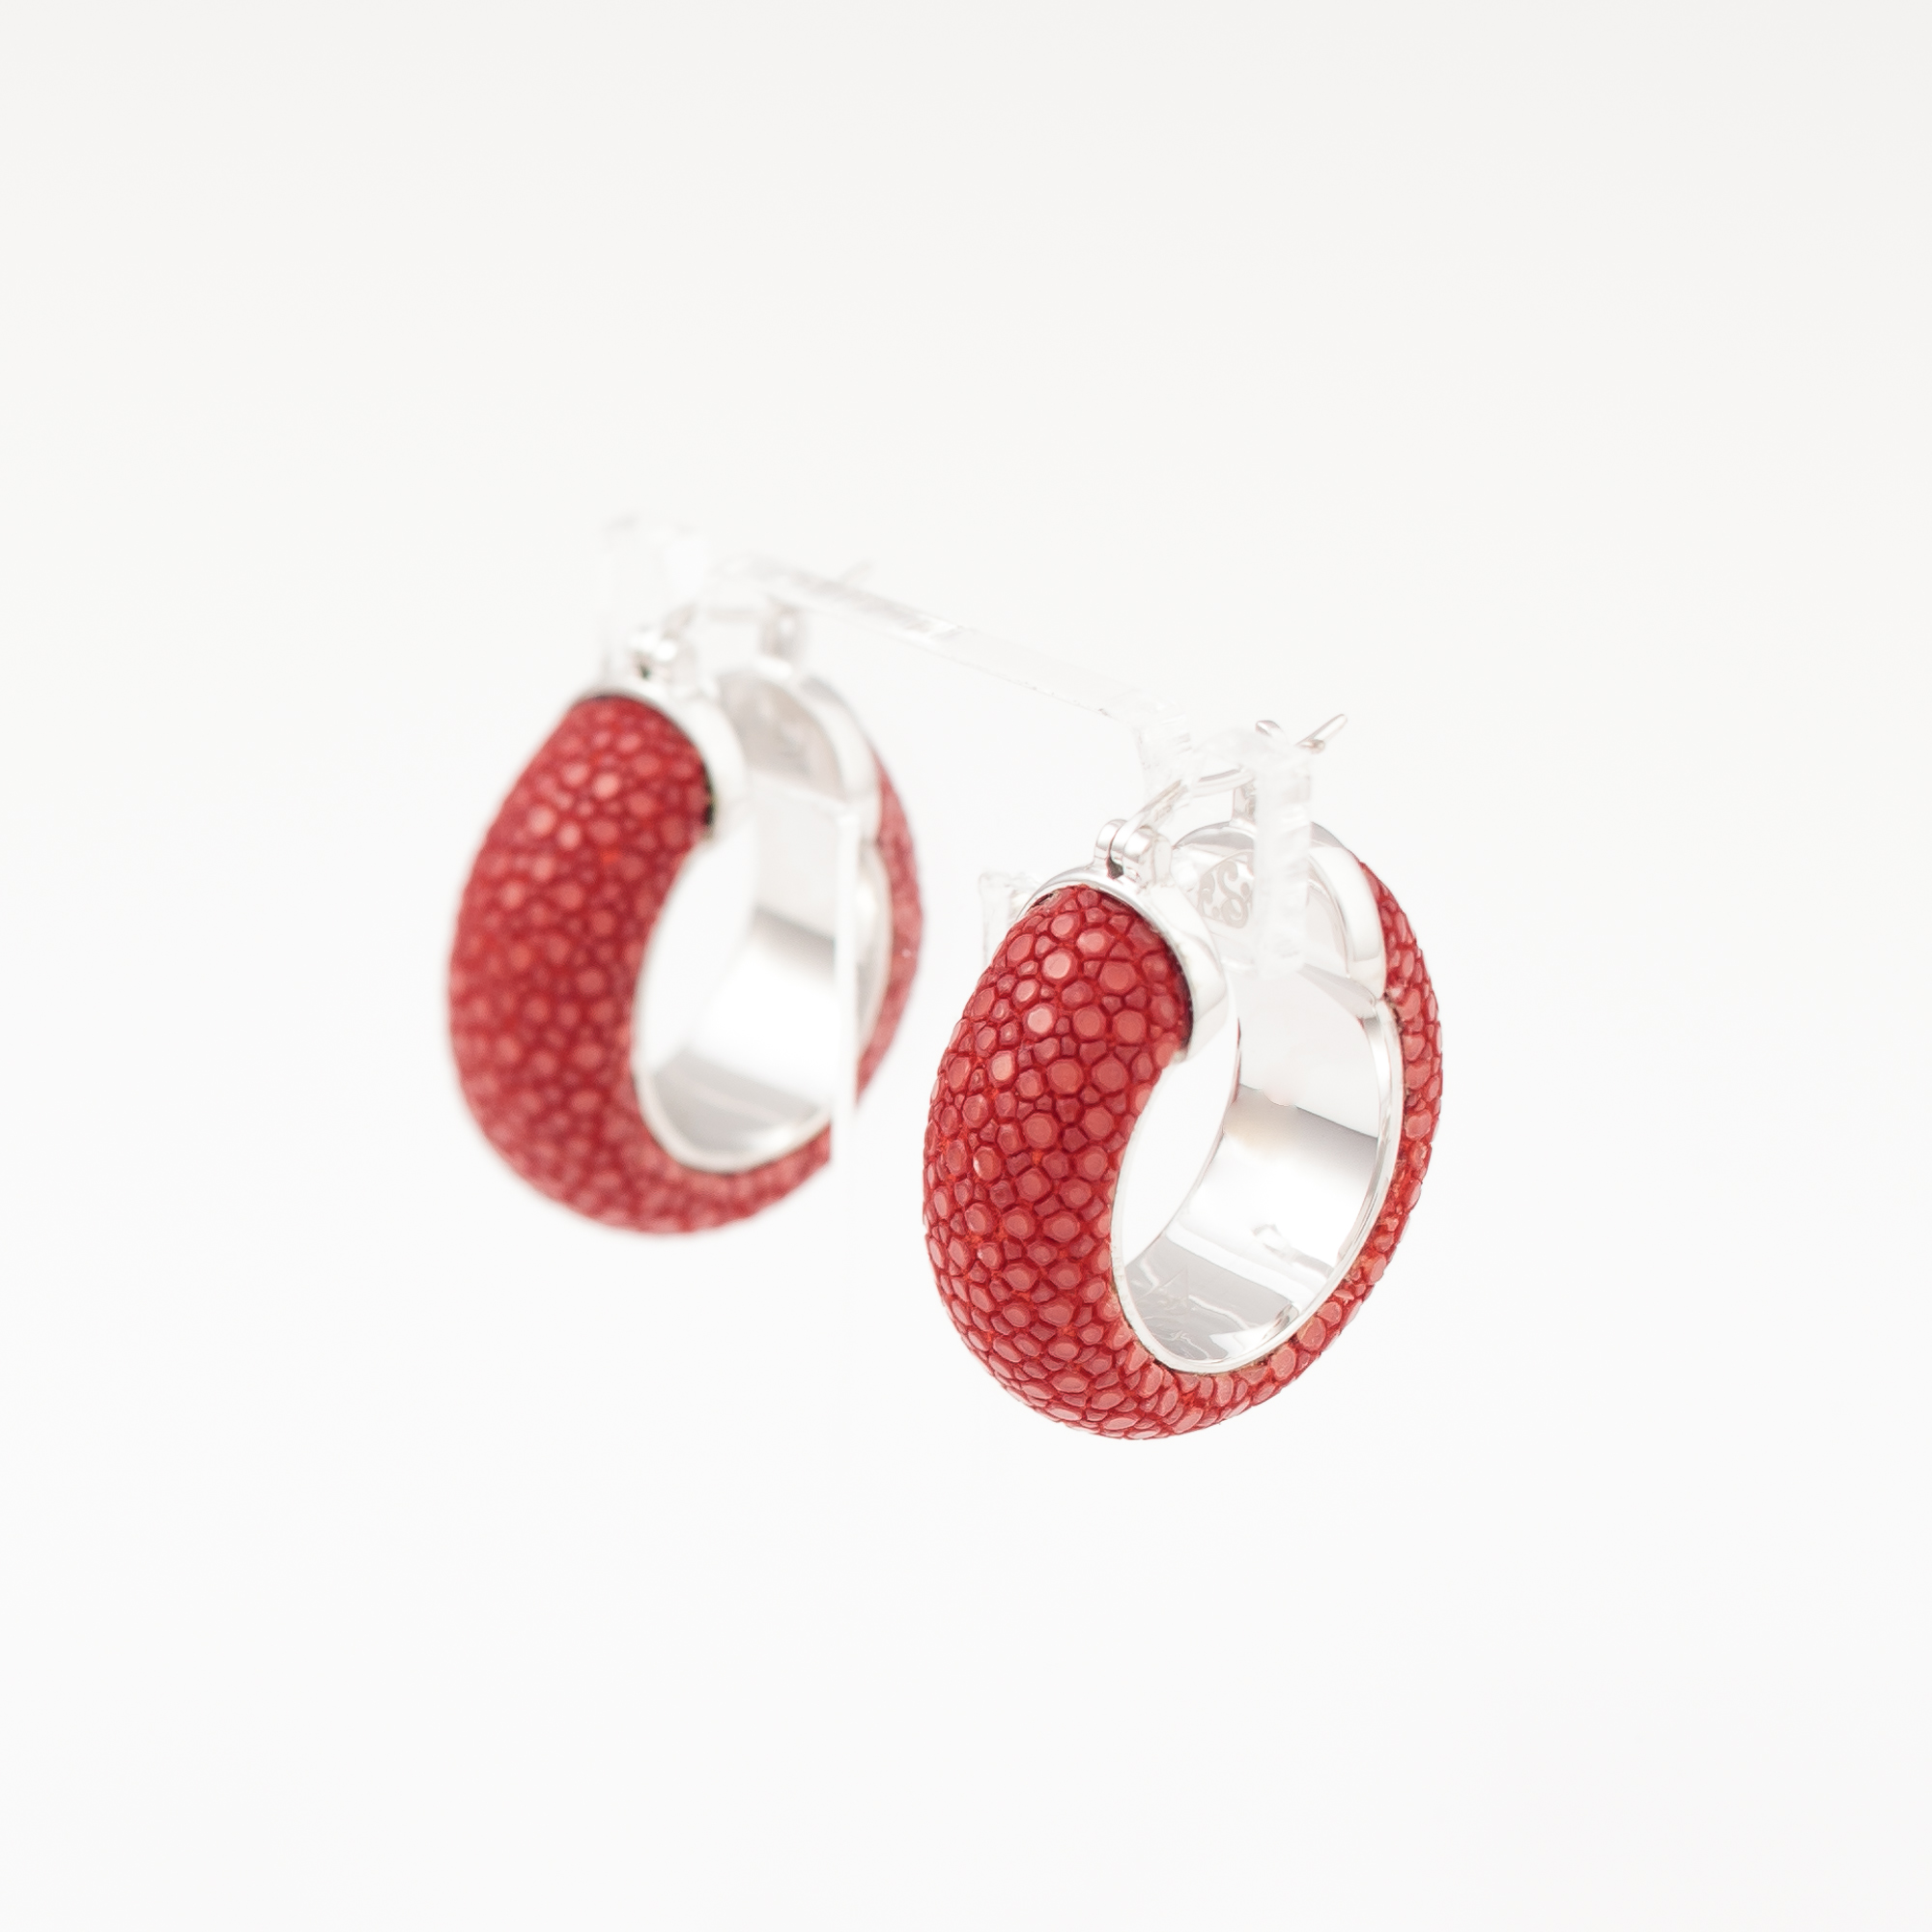 tresor-by-flore-galuchat-boucles-d-oreilles-simplicite-rouge